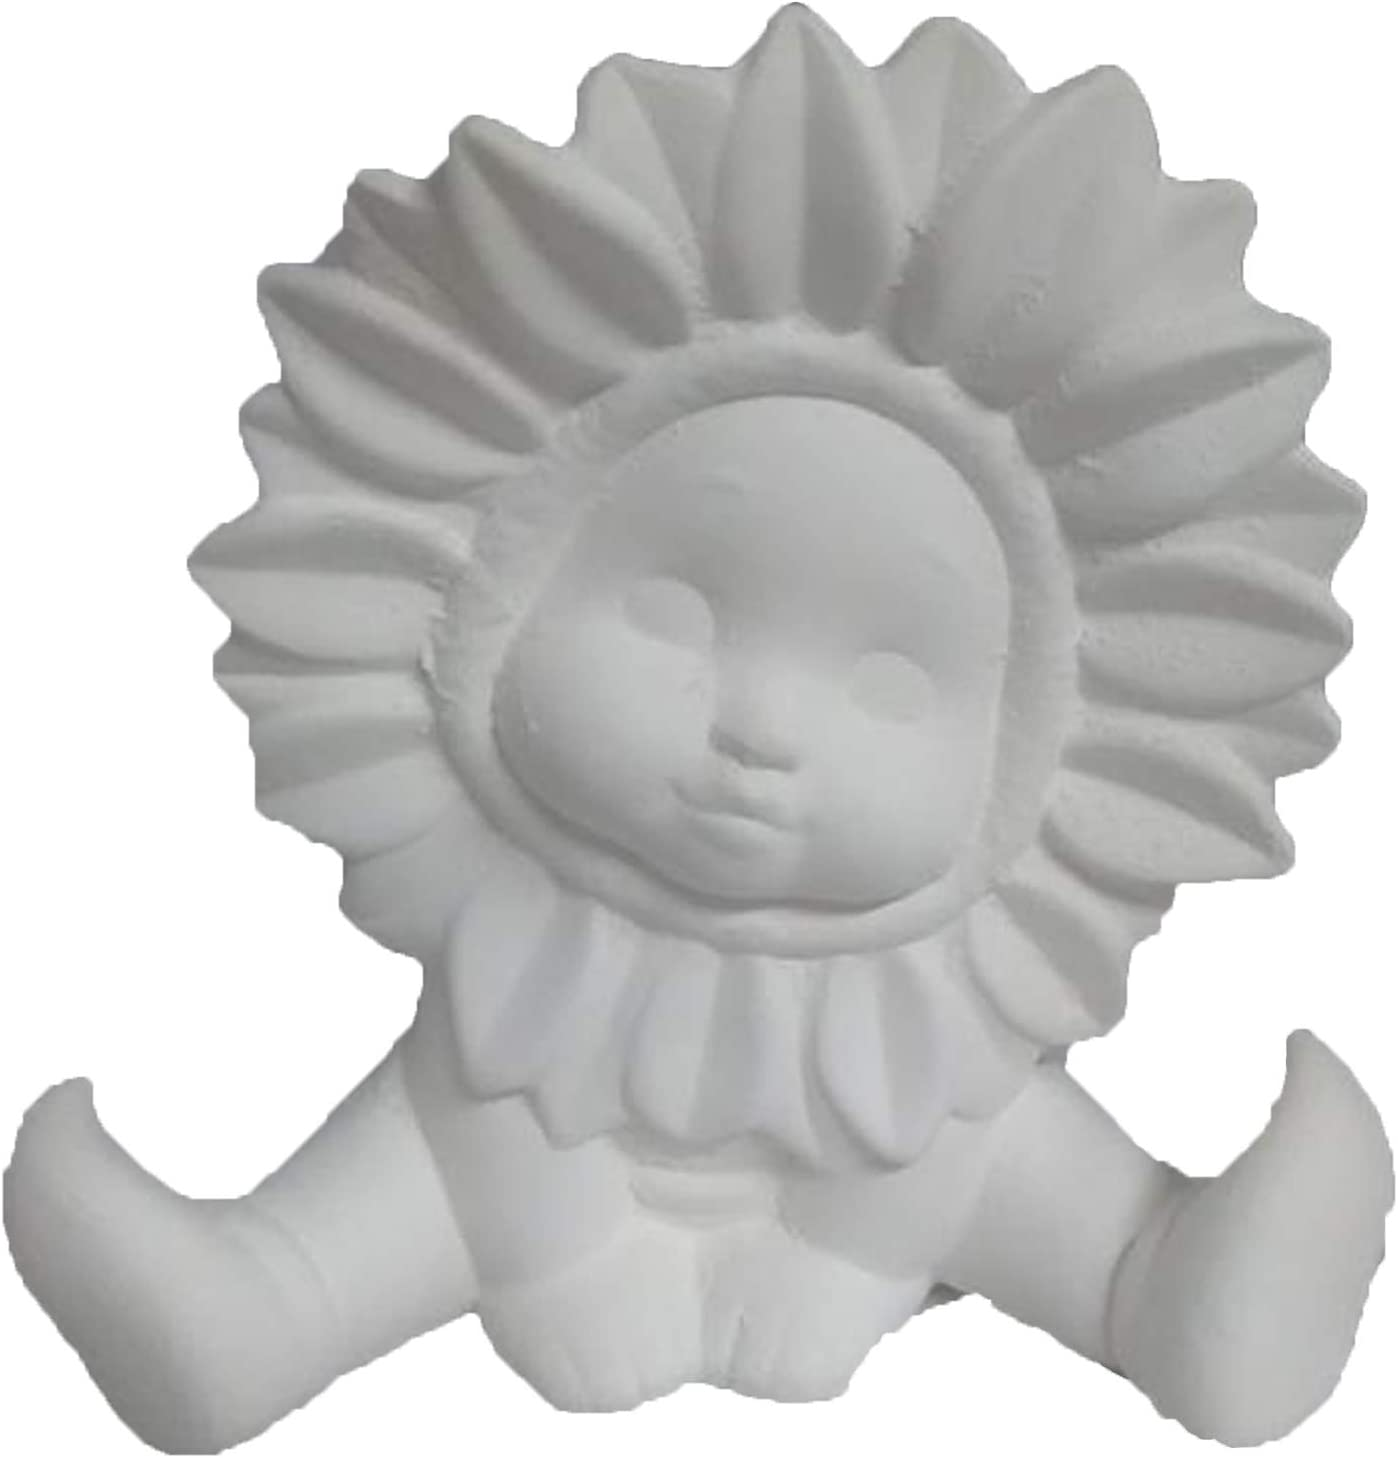 Deluxe Sunflower Sweet Tot Hands Max 57% OFF Down 5 1 2